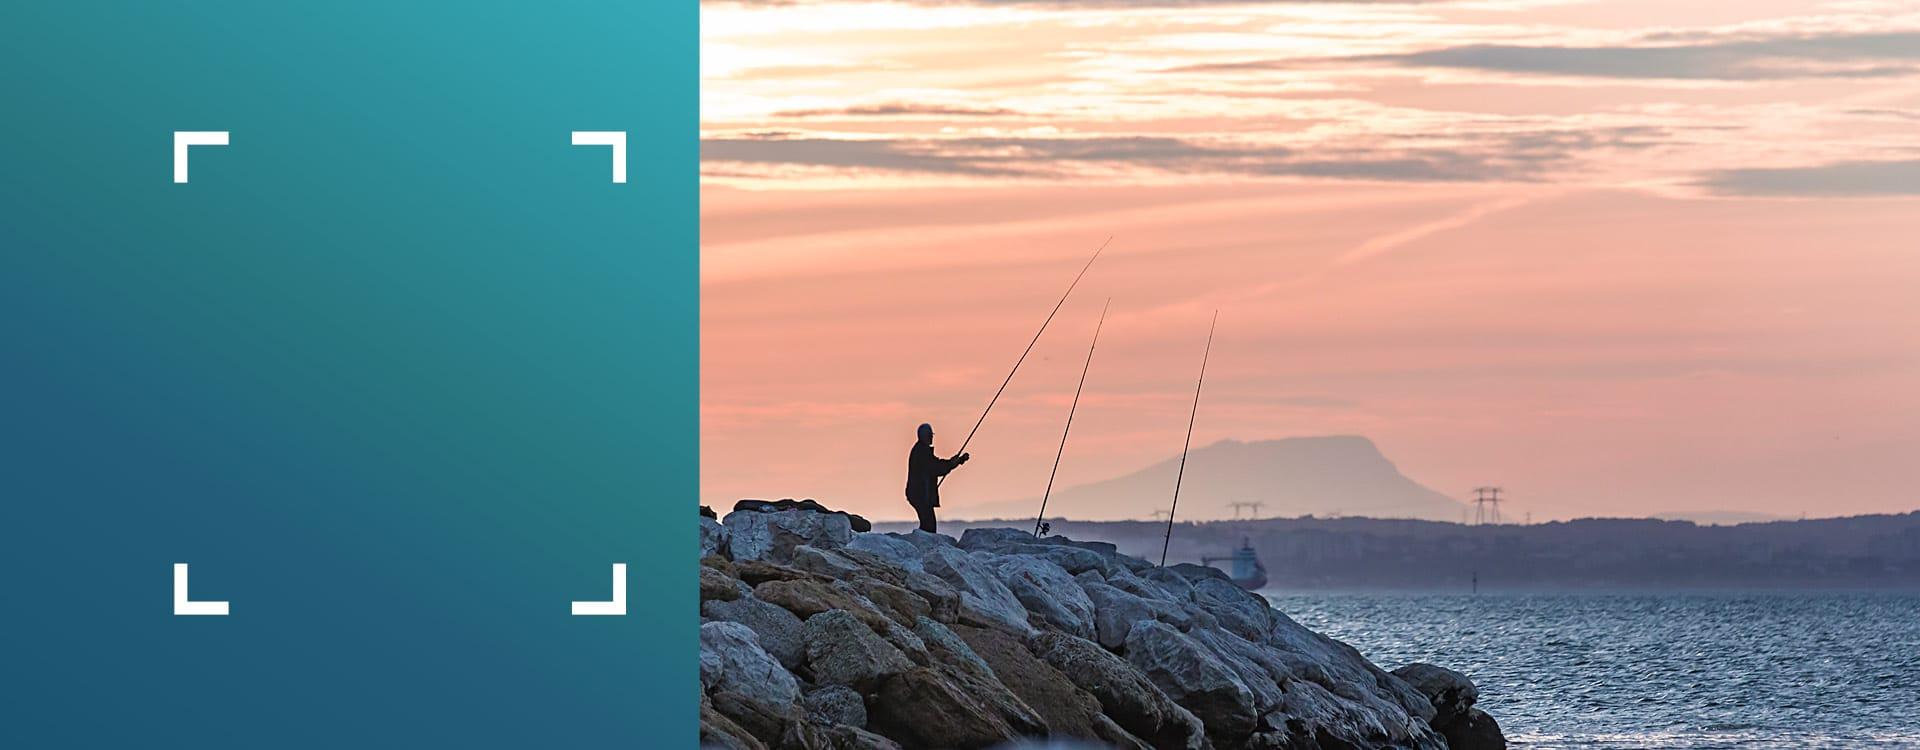 Conseils d'expert Pêche - Comptoir de la mer